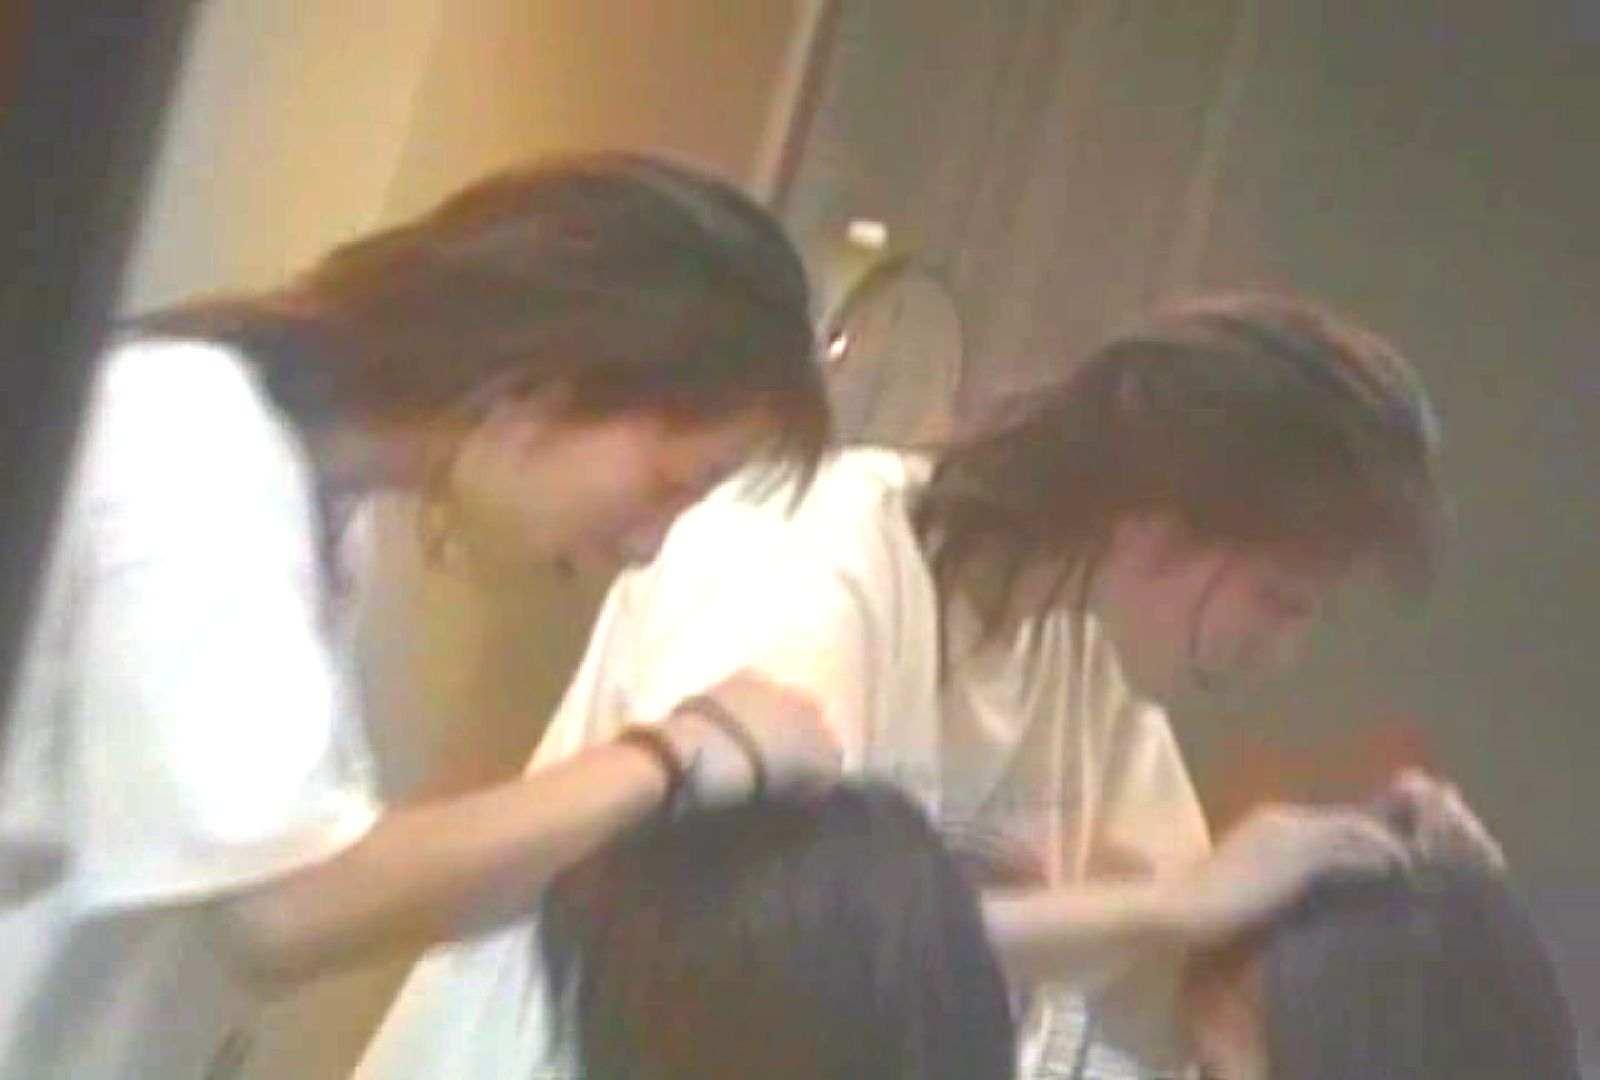 素人投稿シリーズ 盗撮 覗きの穴場 大浴場編  Vol.2 素人 | 女体盗撮  91連発 81